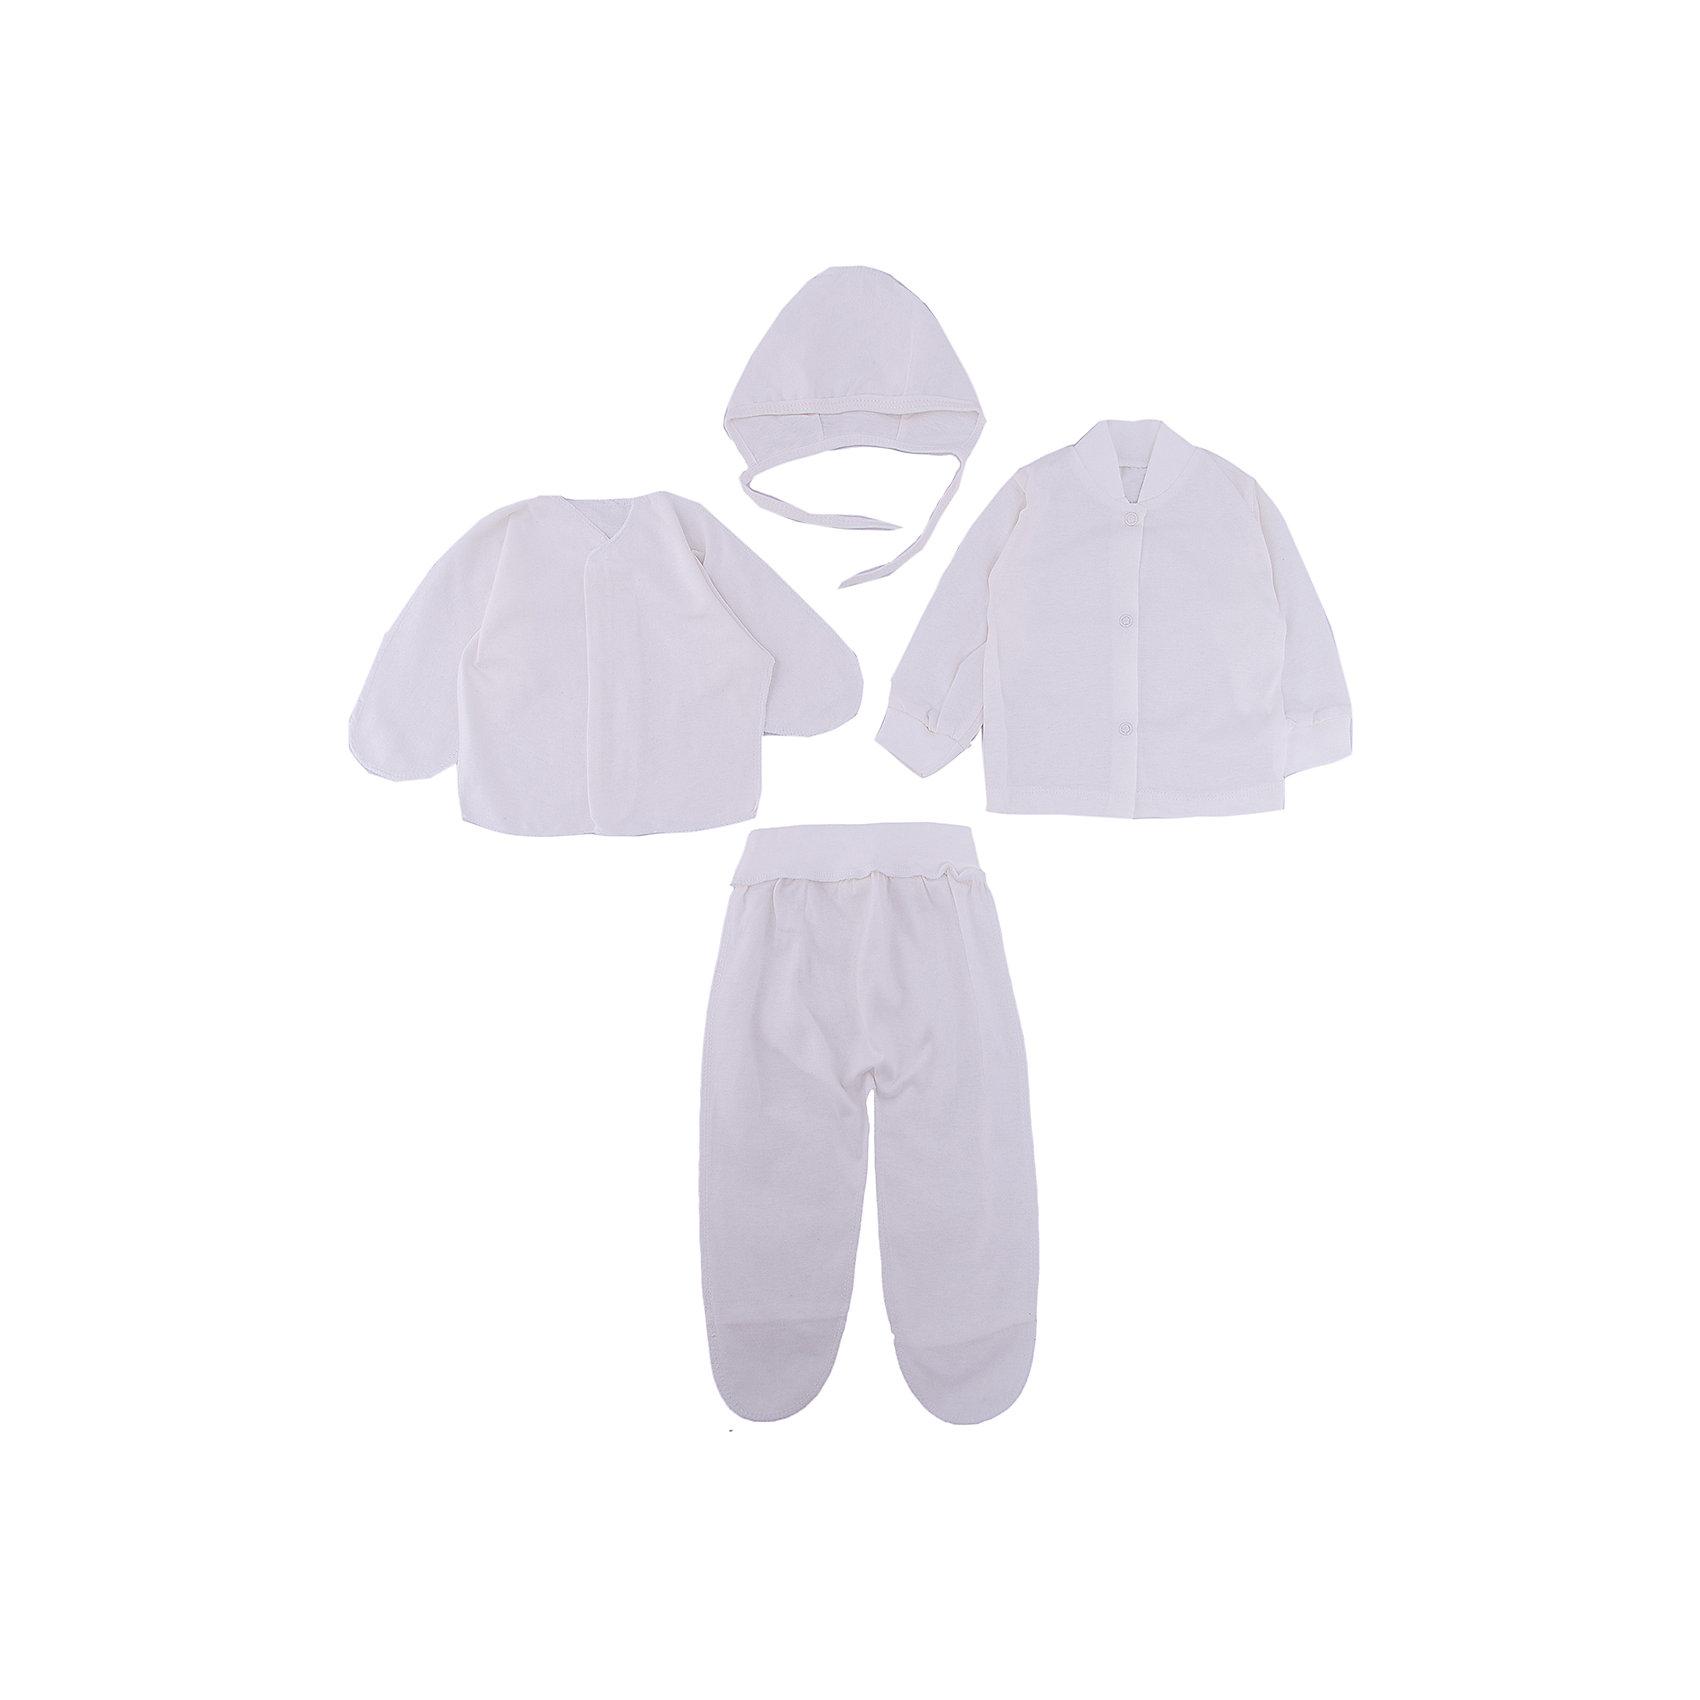 Комплект на выписку 7 пред., GulSara, 131.1 Джентельмен зима бежевыйКонверты на выписку<br>Характеристики:<br><br>• Вид детского текстиля: комплект на выписку<br>• Предназначение: на выписку, для прогулки<br>• Сезон: зима<br>• Утеплитель: высокая степень<br>• Температурный режим: от -5? С до -20? С<br>• Пол: для мальчика<br>• Тематика рисунка: без рисунка<br>• Материал: плащевка, холкон, кулирка<br>• Цвет: бежевый, серый<br>• Комплектация:<br> конверт на 2-х молниях – 1 шт. р-р 80*50 см<br> шапочка из плащевки – 1 шт. р-р 56-36<br> спальный мешок на синтепоне – 1 шт. р-р 56-36<br> ползунки – 1 шт. р-р 56-36<br> распашонка – 1 шт. р-р 56-36<br> чепчик – 1 шт. р-р 56-36<br>• Особенности ухода: машинная стирка при температуре 30 градусов без использования отбеливающих и красящих веществ<br><br>Комплект на выписку 7 пред., GulSara, 131.1 Джентельмен зима бежевый от отечественного швейного производства, который выпускает современный текстиль и товары для новорожденных, изготовленных на основе вековых традиций. В своем производстве GulSara использует только экологичные и натуральные материалы, что обеспечивает их безопасность даже для малышей с чувствительной кожей. Набор предназначен для выписки в зимний период и состоит из шапочки и конверта, выполненных из плащевки, утепленной мехом. <br><br>В качестве дополнительного утеплителя использован синтепон. Для промежуточного слоя одежды в наборе предусмотрен спальный мешок на синтепоне. Комплект нижней одежды состоит из ползунков, распашонки и чепчика, изготовленных из натурального хлопка. Передняя полочка конверта декорирована имитацией жилетки с белой рубашкой и галстуком- бабочкой. Комплект на выписку 7 пред., GulSara, 131.1 Джентельмен зима бежевый создаст изысканный и неповторимый образ вашего малыша!<br><br>Комплект на выписку 7 пред., GulSara, 131.1 Джентельмен зима бежевый можно купить в нашем интернет-магазине.<br><br>Ширина мм: 800<br>Глубина мм: 500<br>Высота мм: 150<br>Вес г: 1700<br>Возраст от месяцев: 0<br>Возр